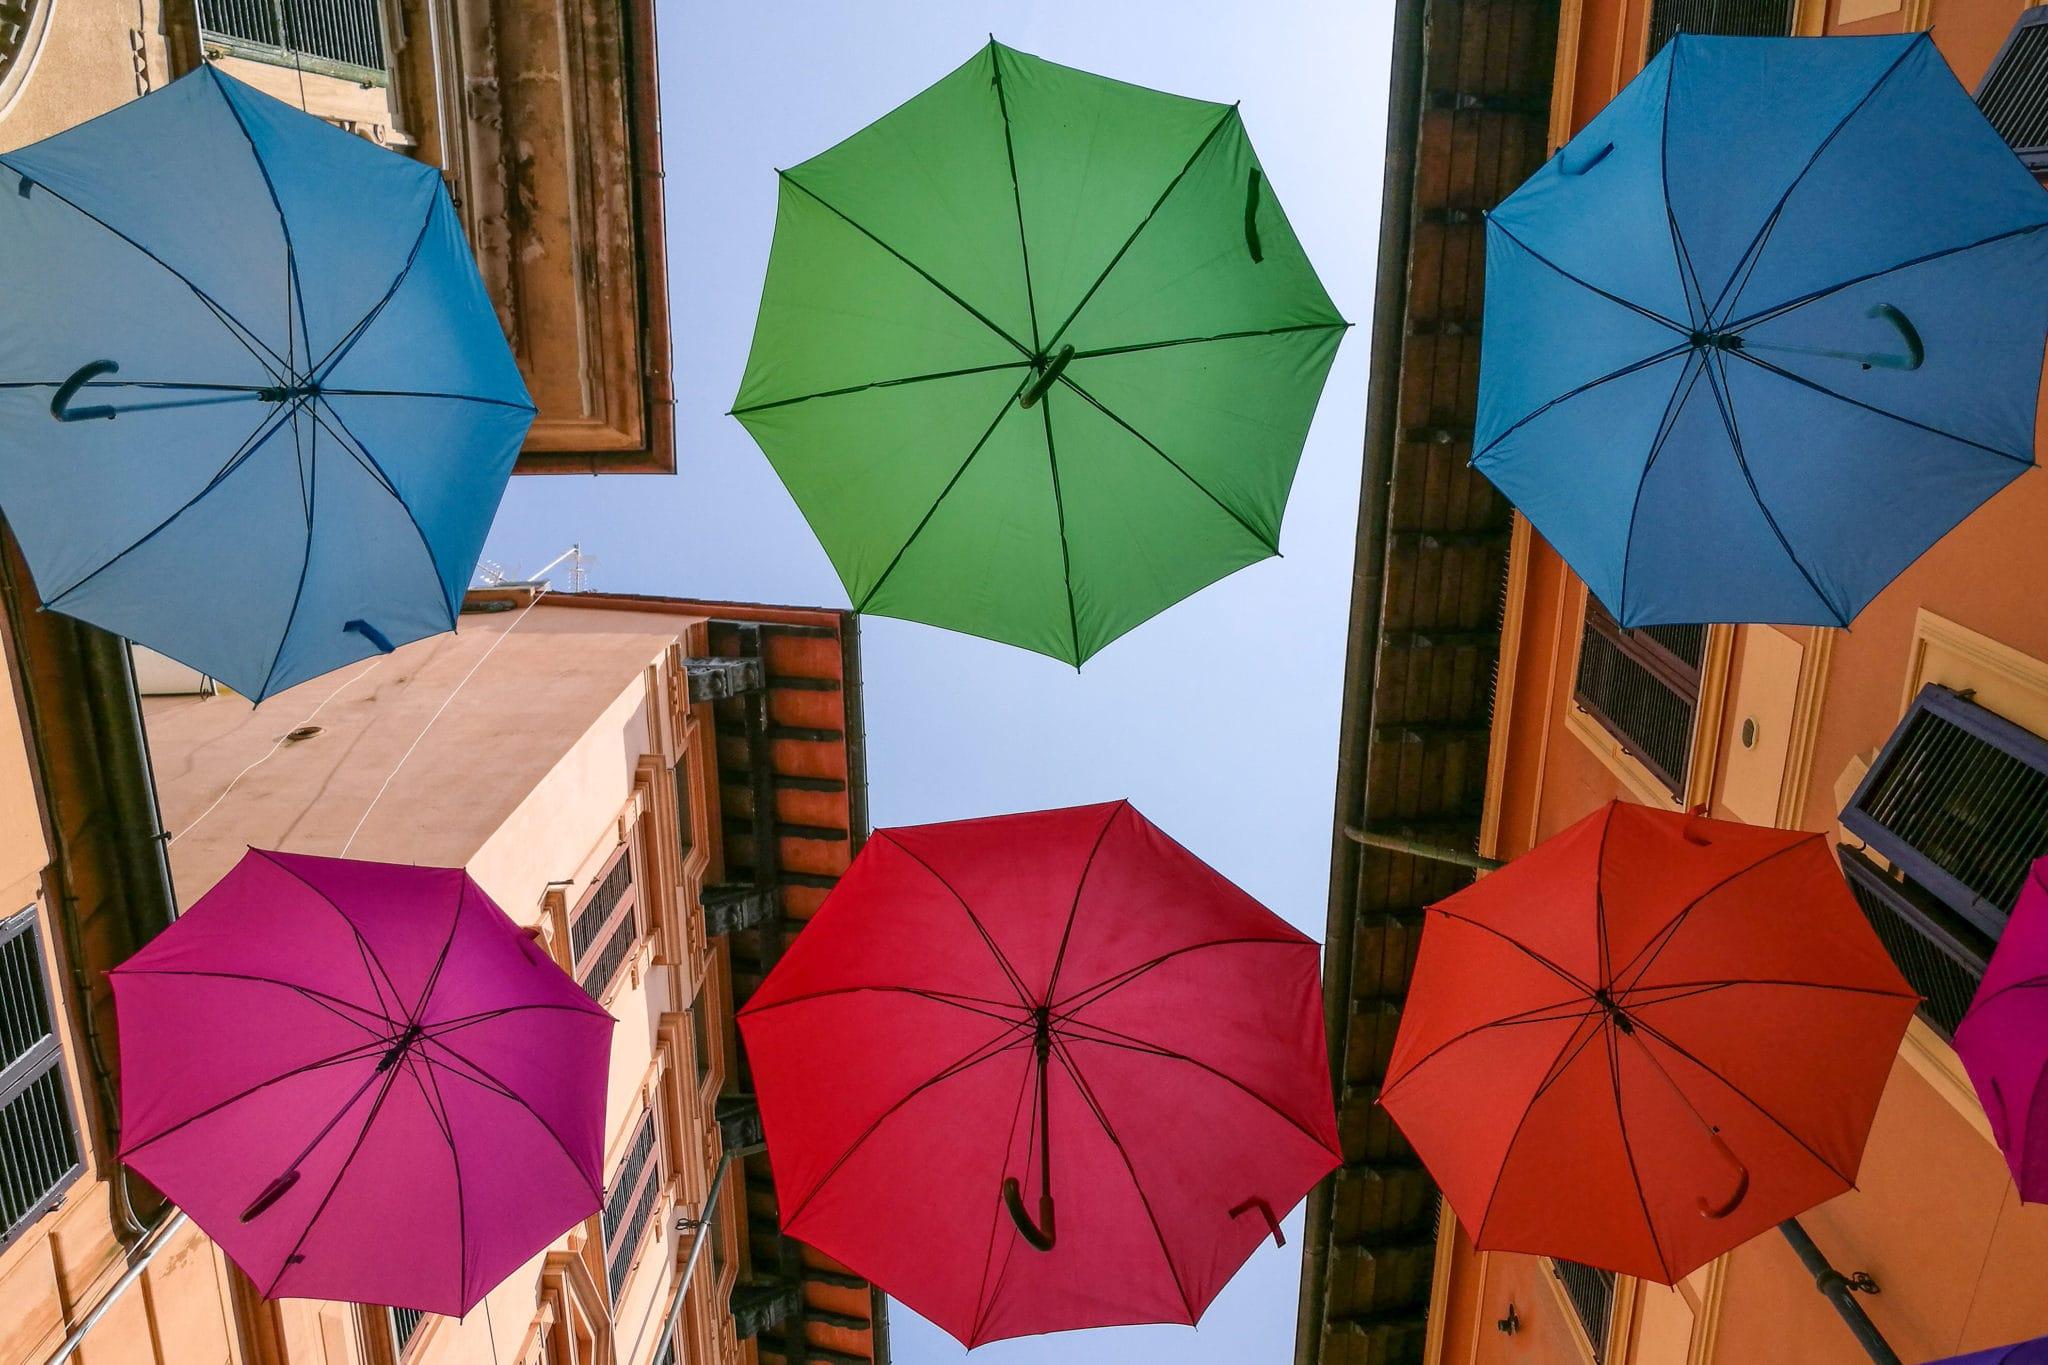 the colored umbrellas of Pietrasanta